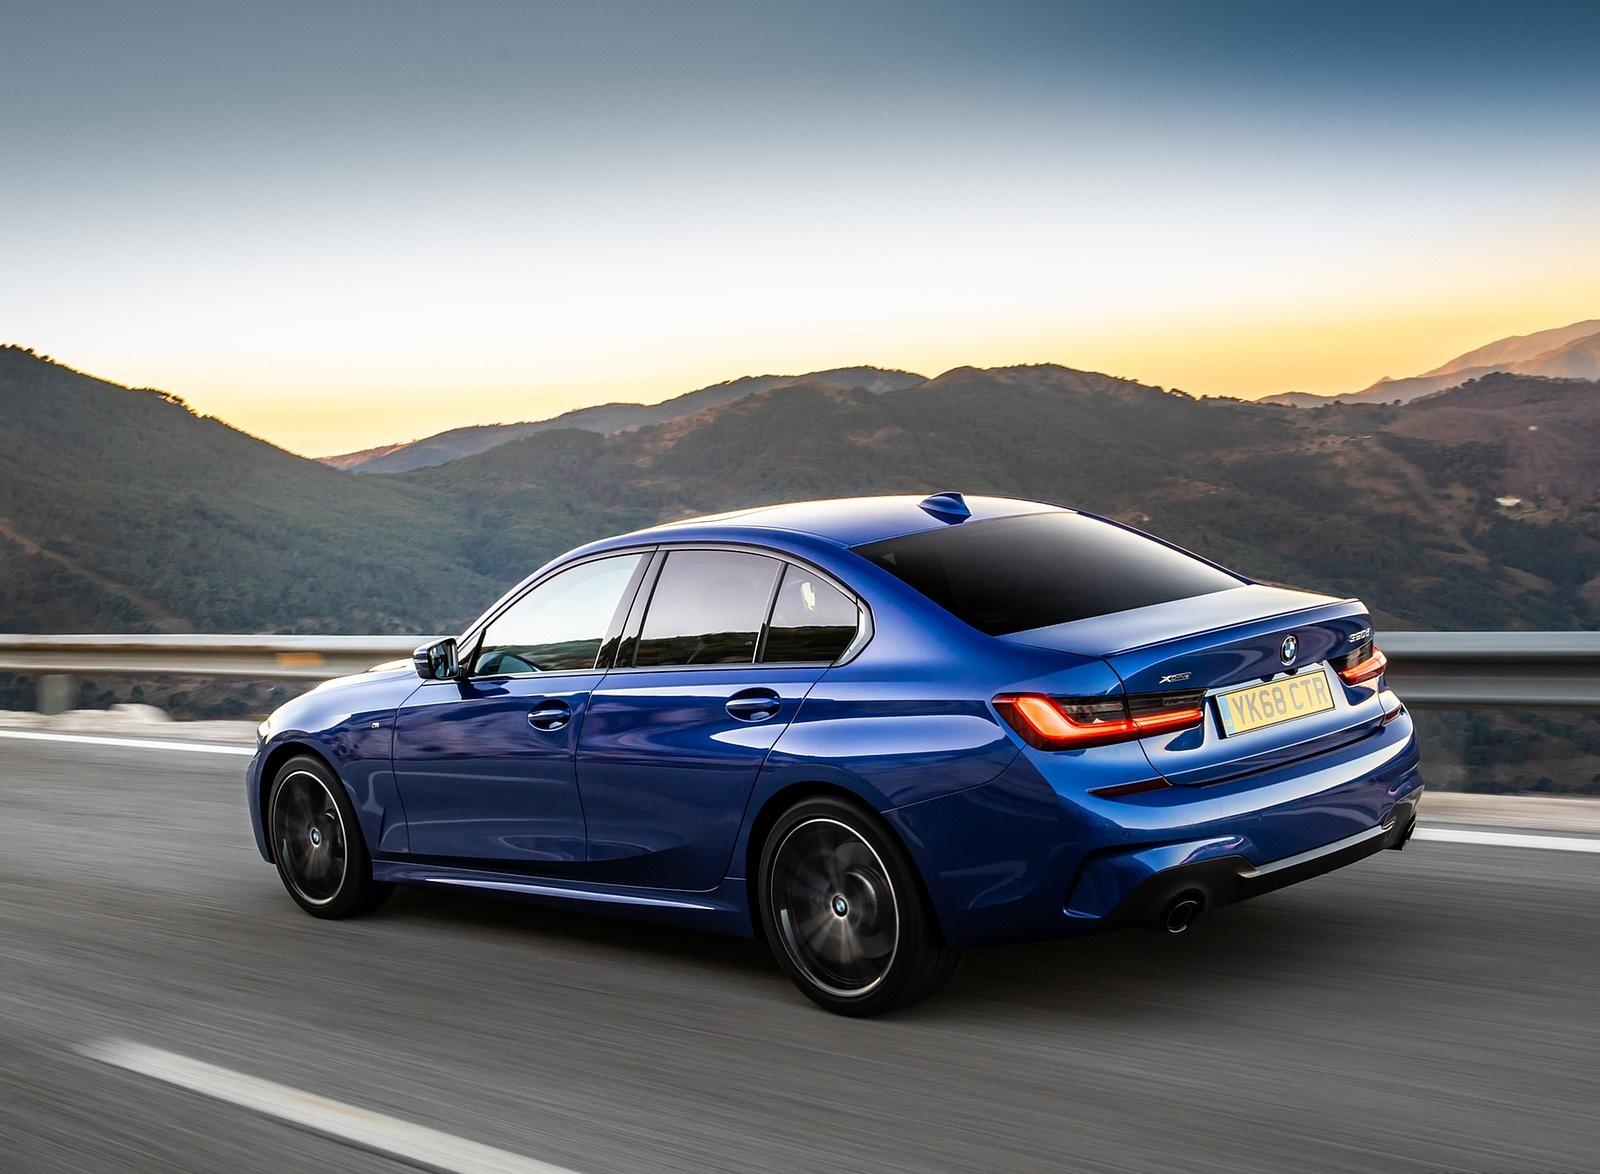 2019 BMW 3-Series Saloon 320d xDrive (UK-Spec) Rear Three-Quarter Wallpapers (12)